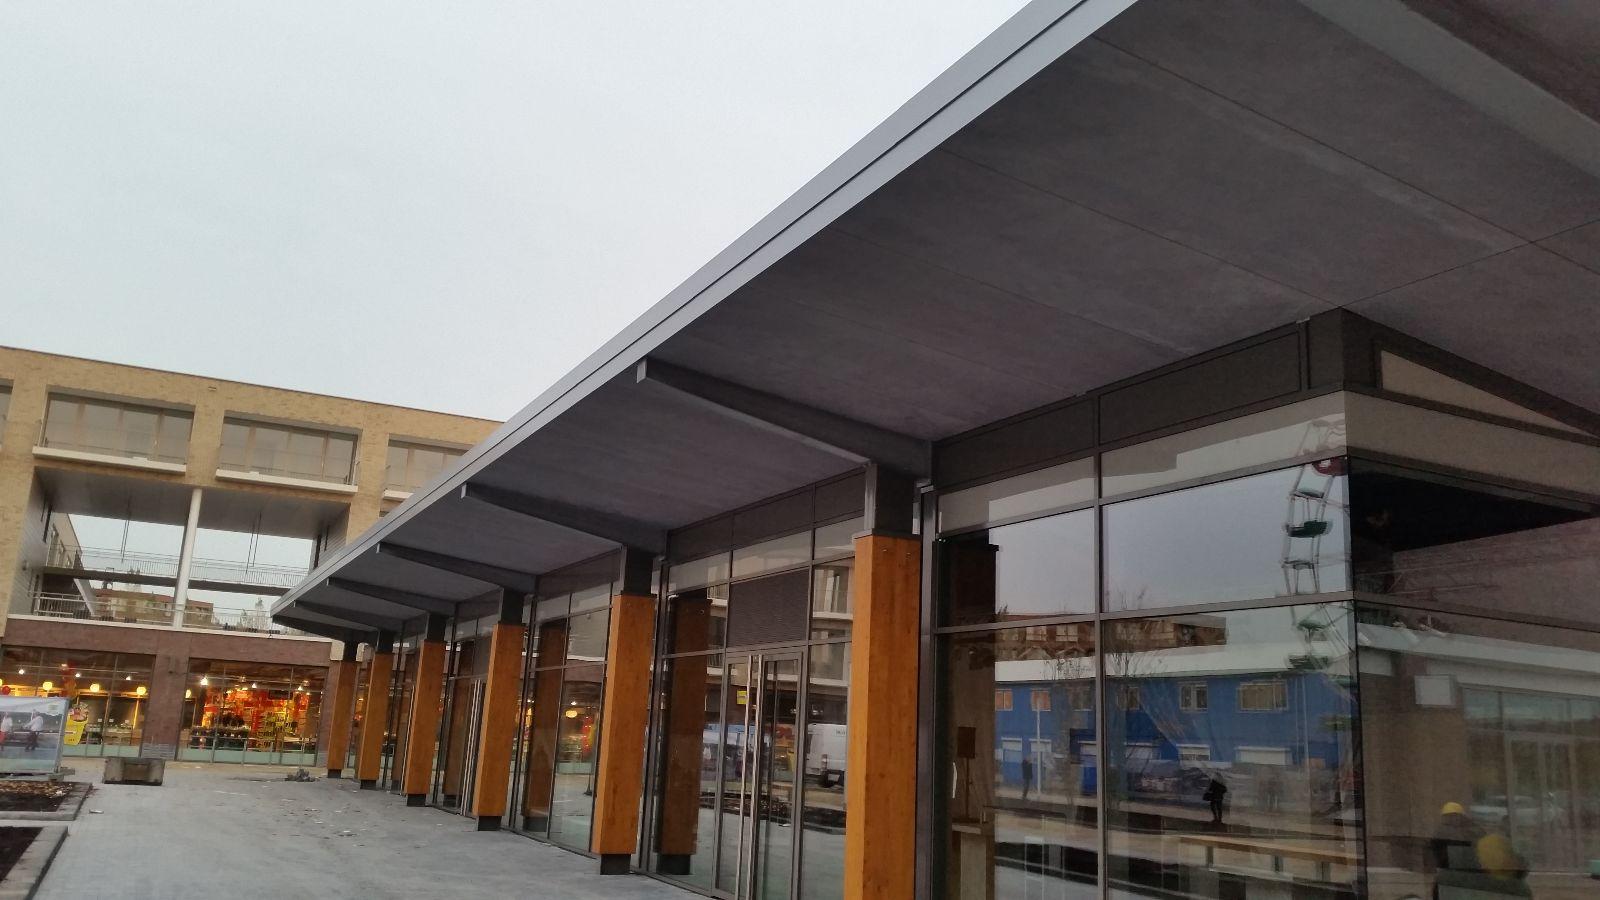 Prachtig werk opgeleverd, winkelcentrum Terwijde te Utrecht.